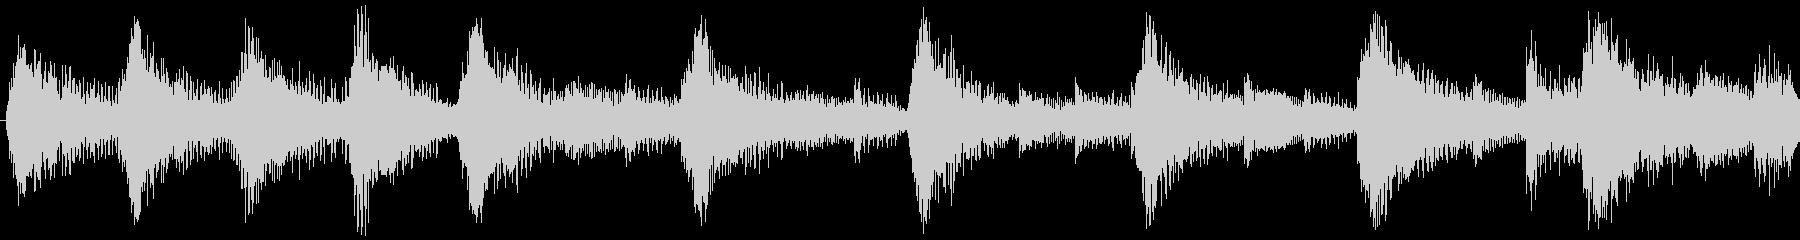 ハローウィン用のホラー曲-ループ5の未再生の波形